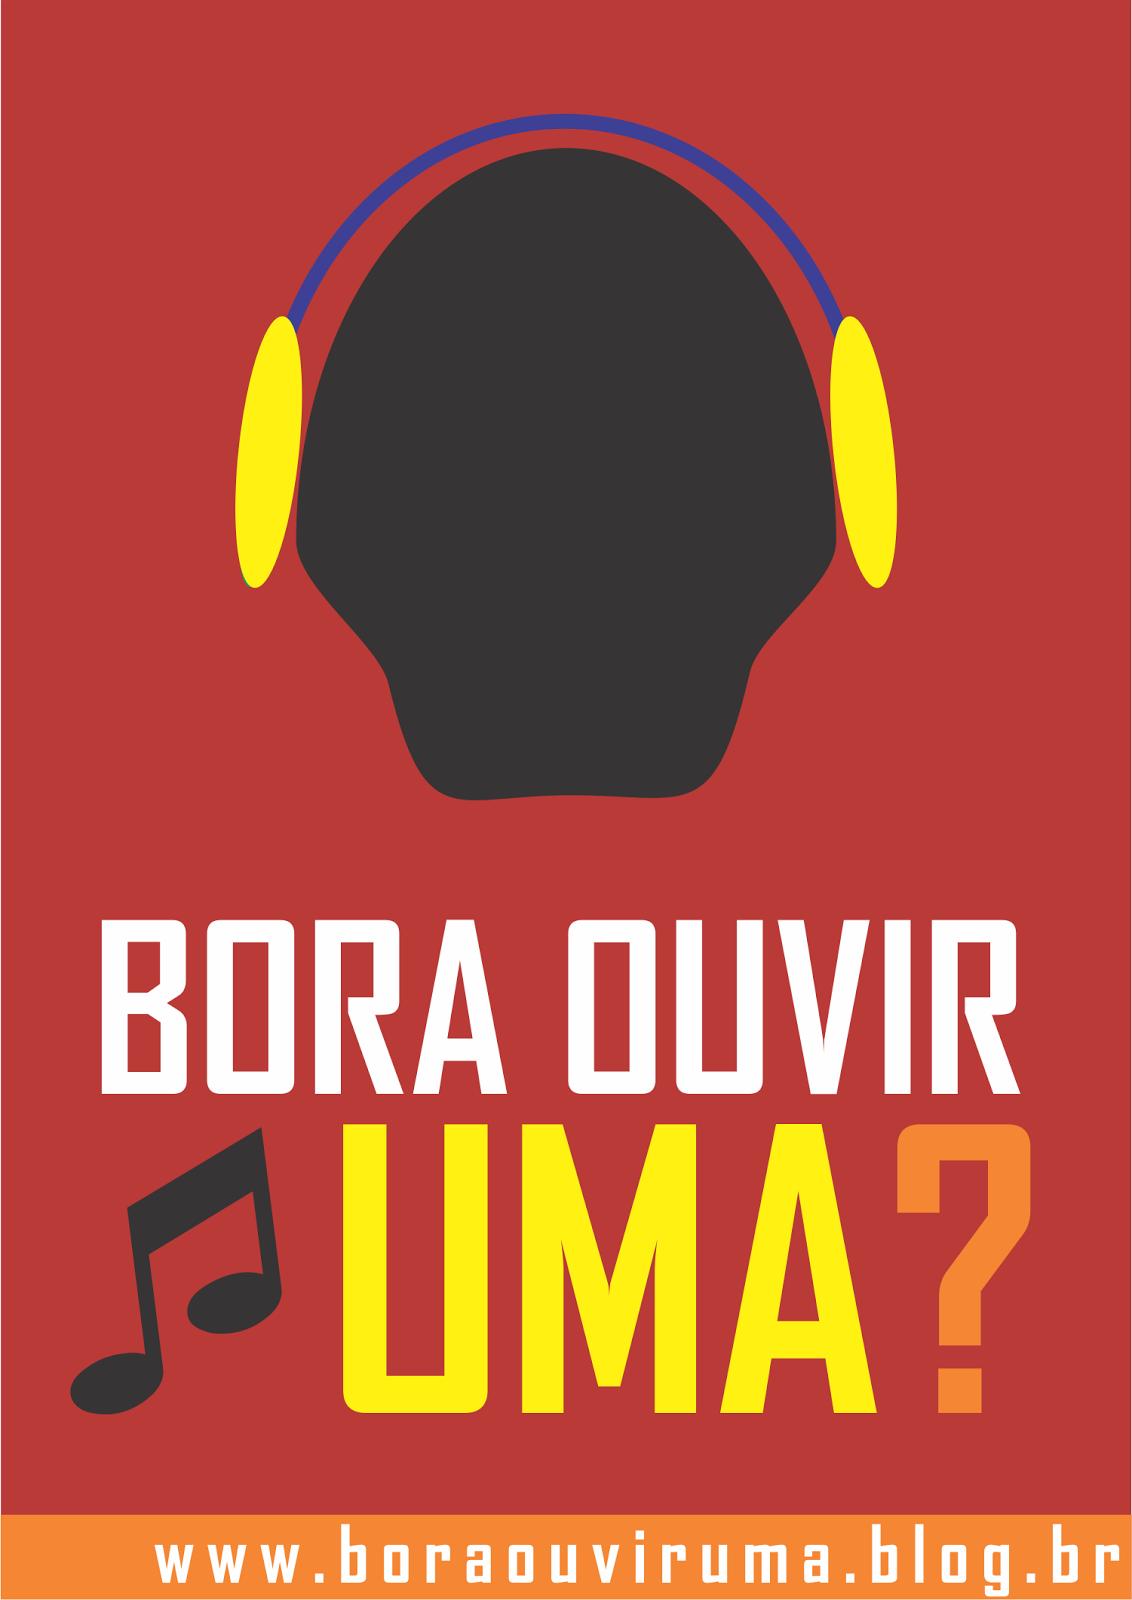 Blog Bora Ouvir Uma?